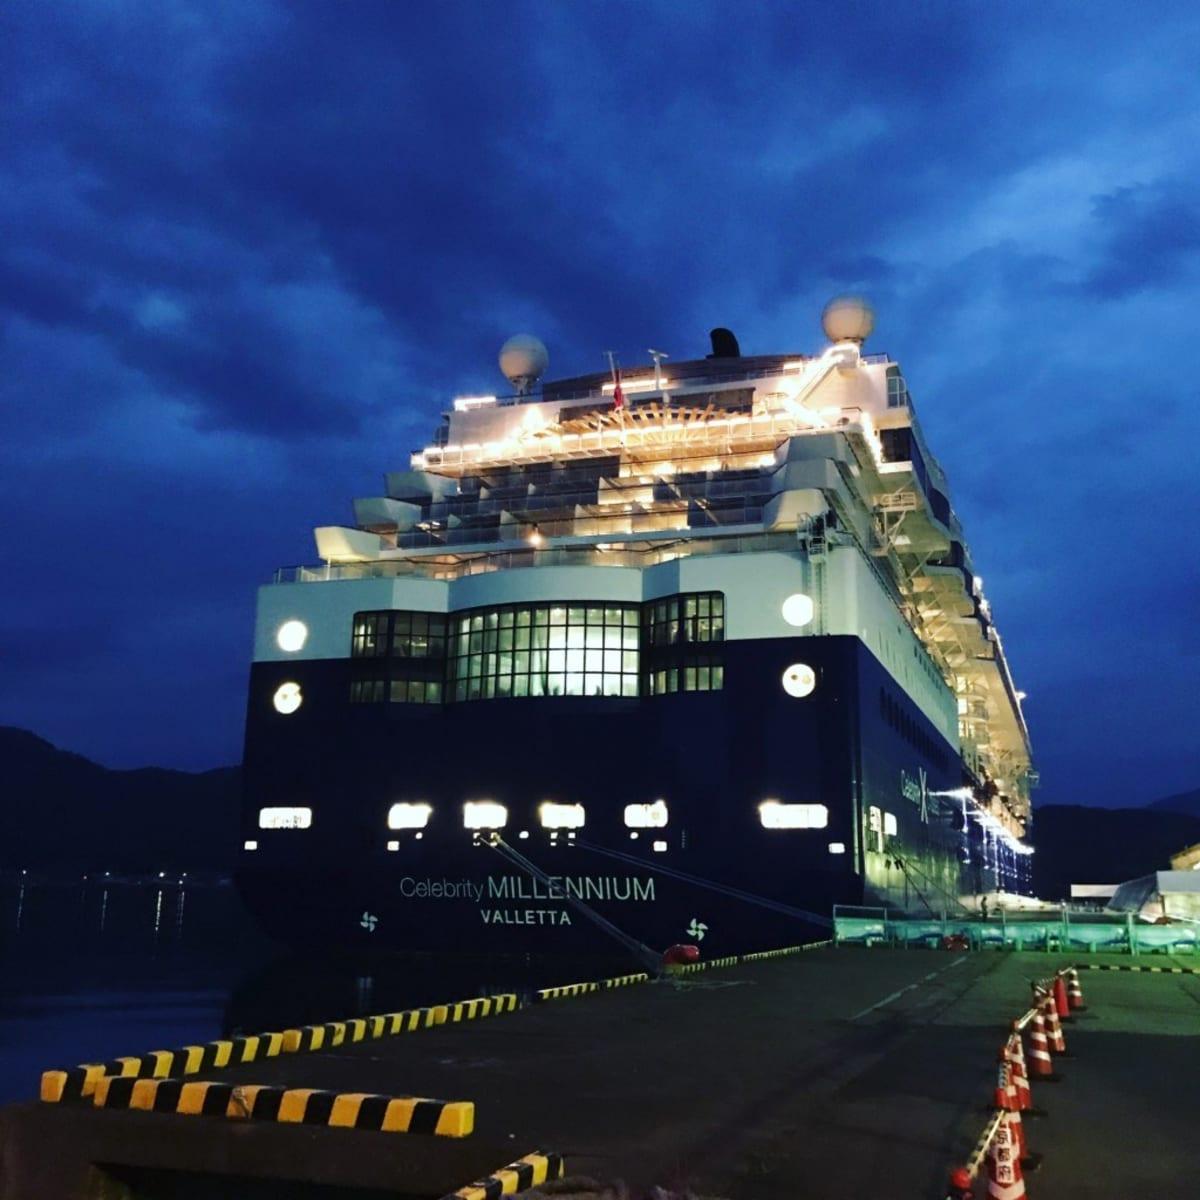 2019セレブリティ・ミレニアムおひとり様乗船記(22)乗船4日目舞鶴の夜を船内で楽しむ|スィーツ|ショー